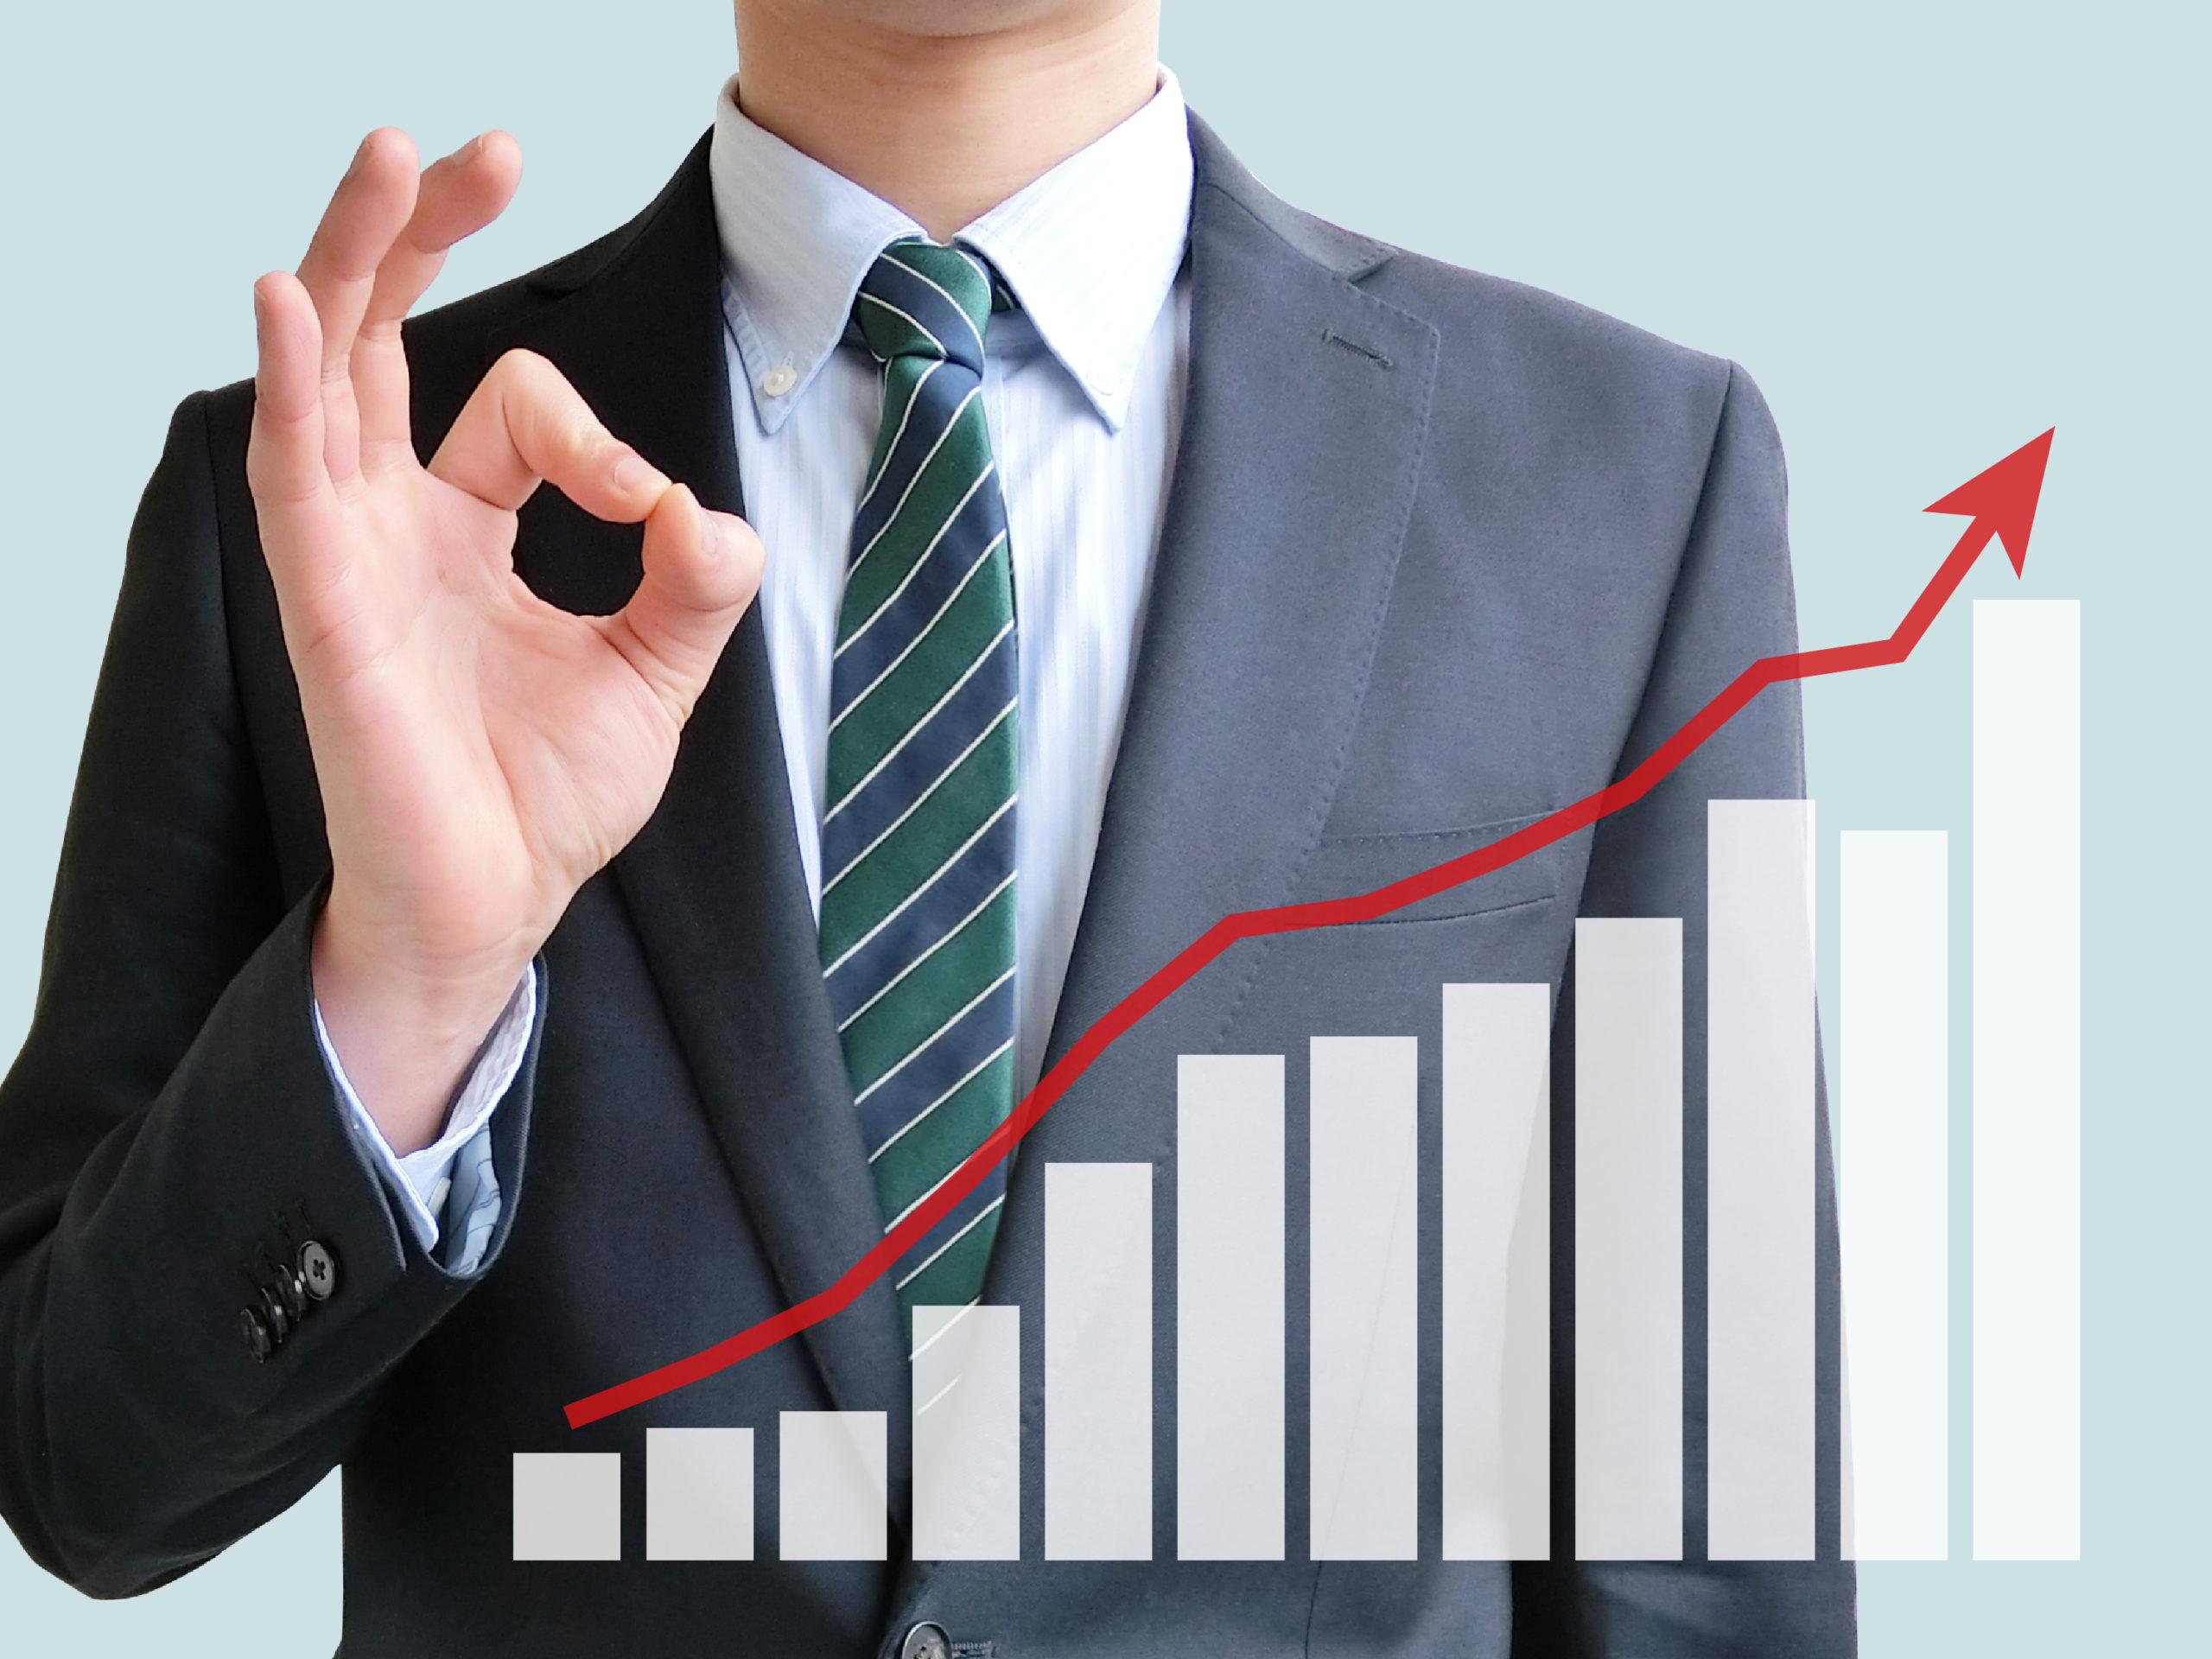 メキシコペソ、ホッタラカシ投資で最大限にリスクとリターンをとる!